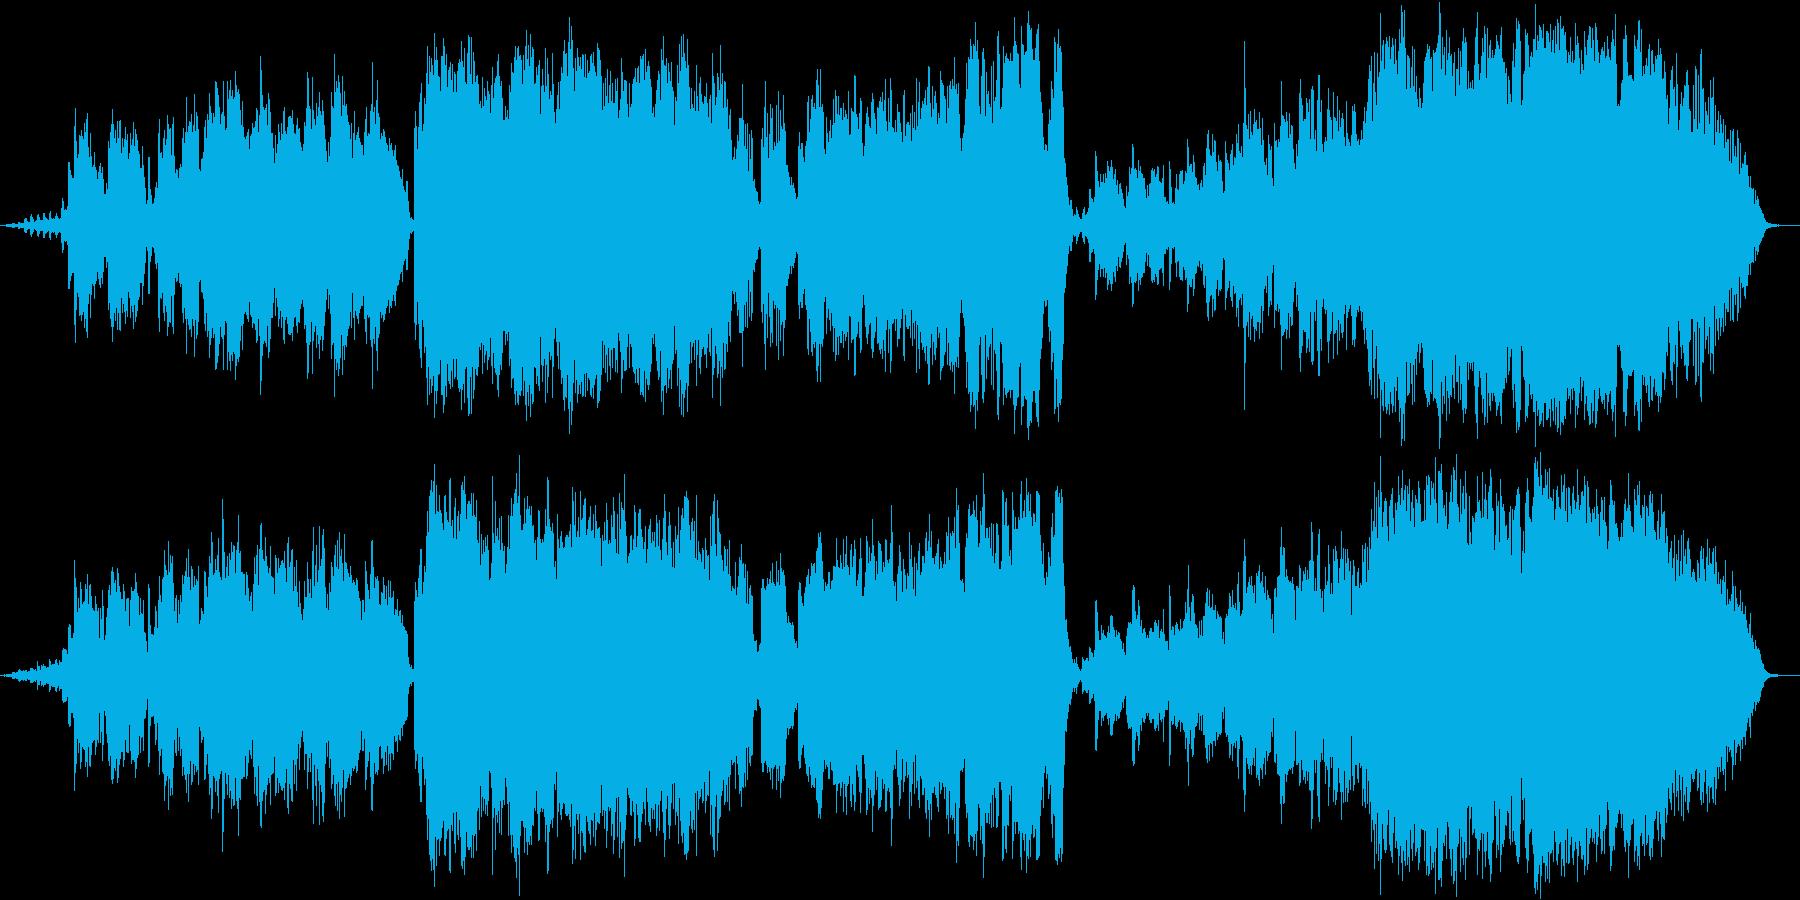 感動・切ない・夕暮れ・踏切/管弦楽の再生済みの波形